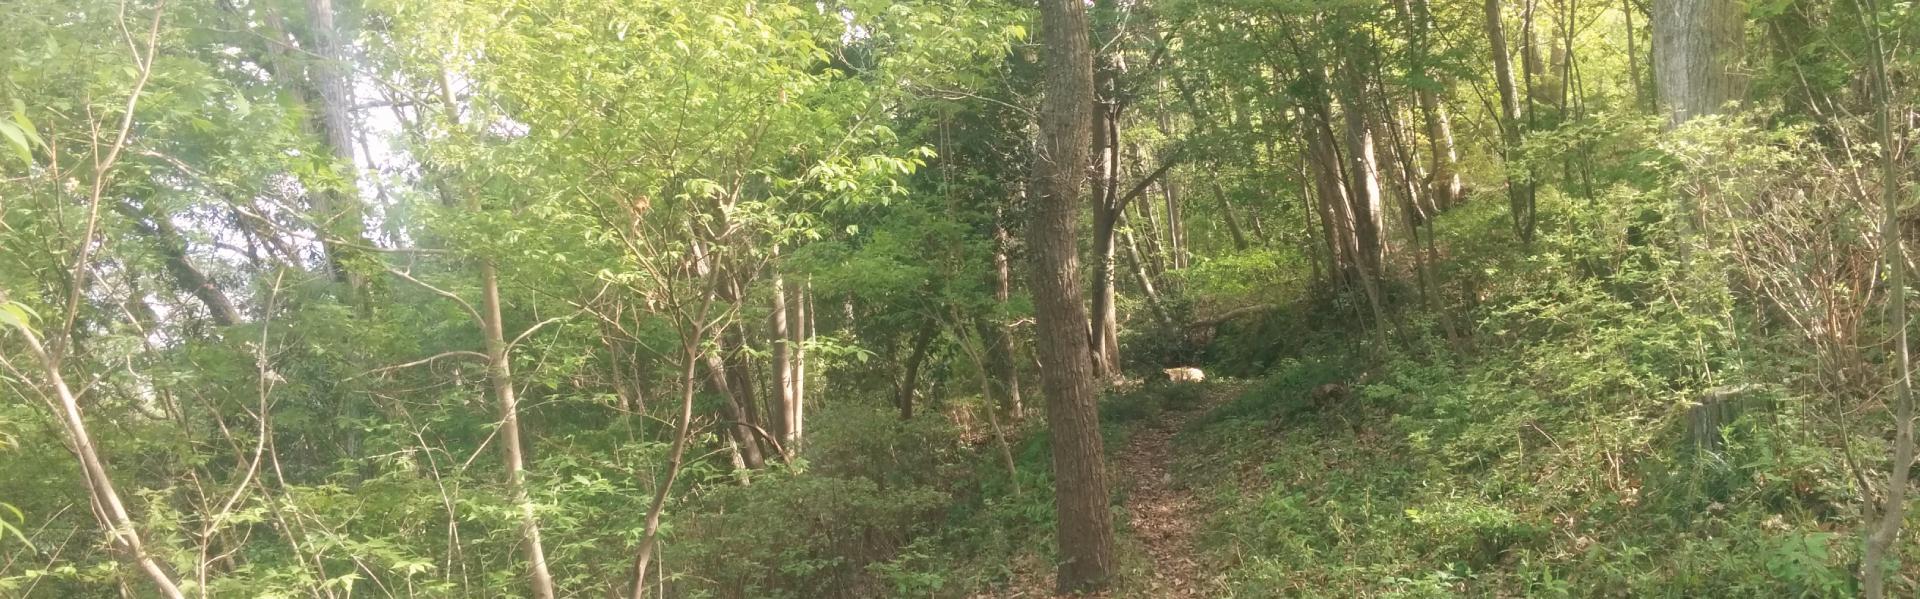 ようこそ青木平の森へ